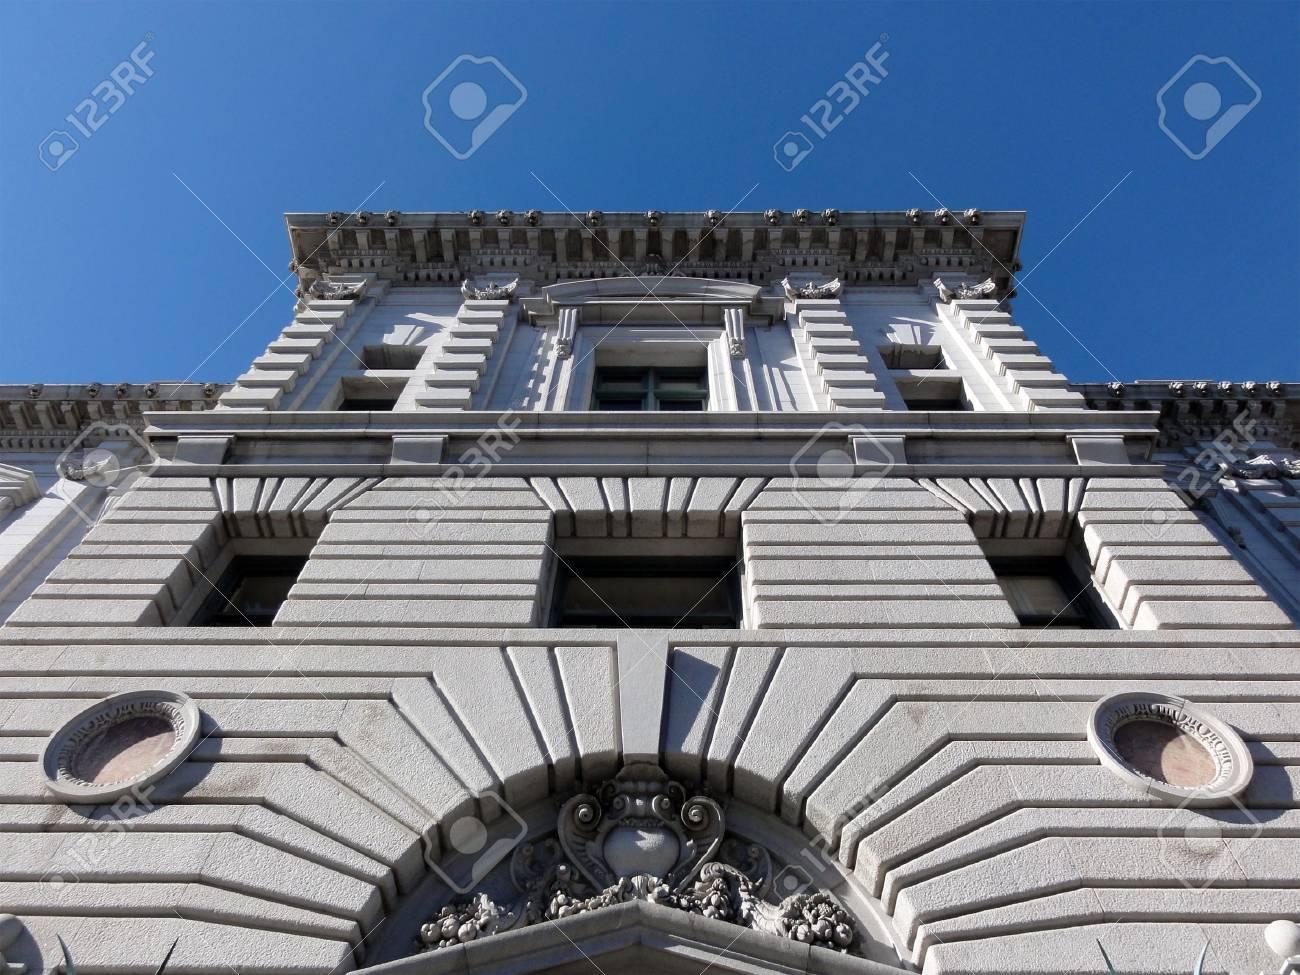 Corte de Apelaciones del Noveno Circuito en San Francisco, California, Foto: 123RF.com.